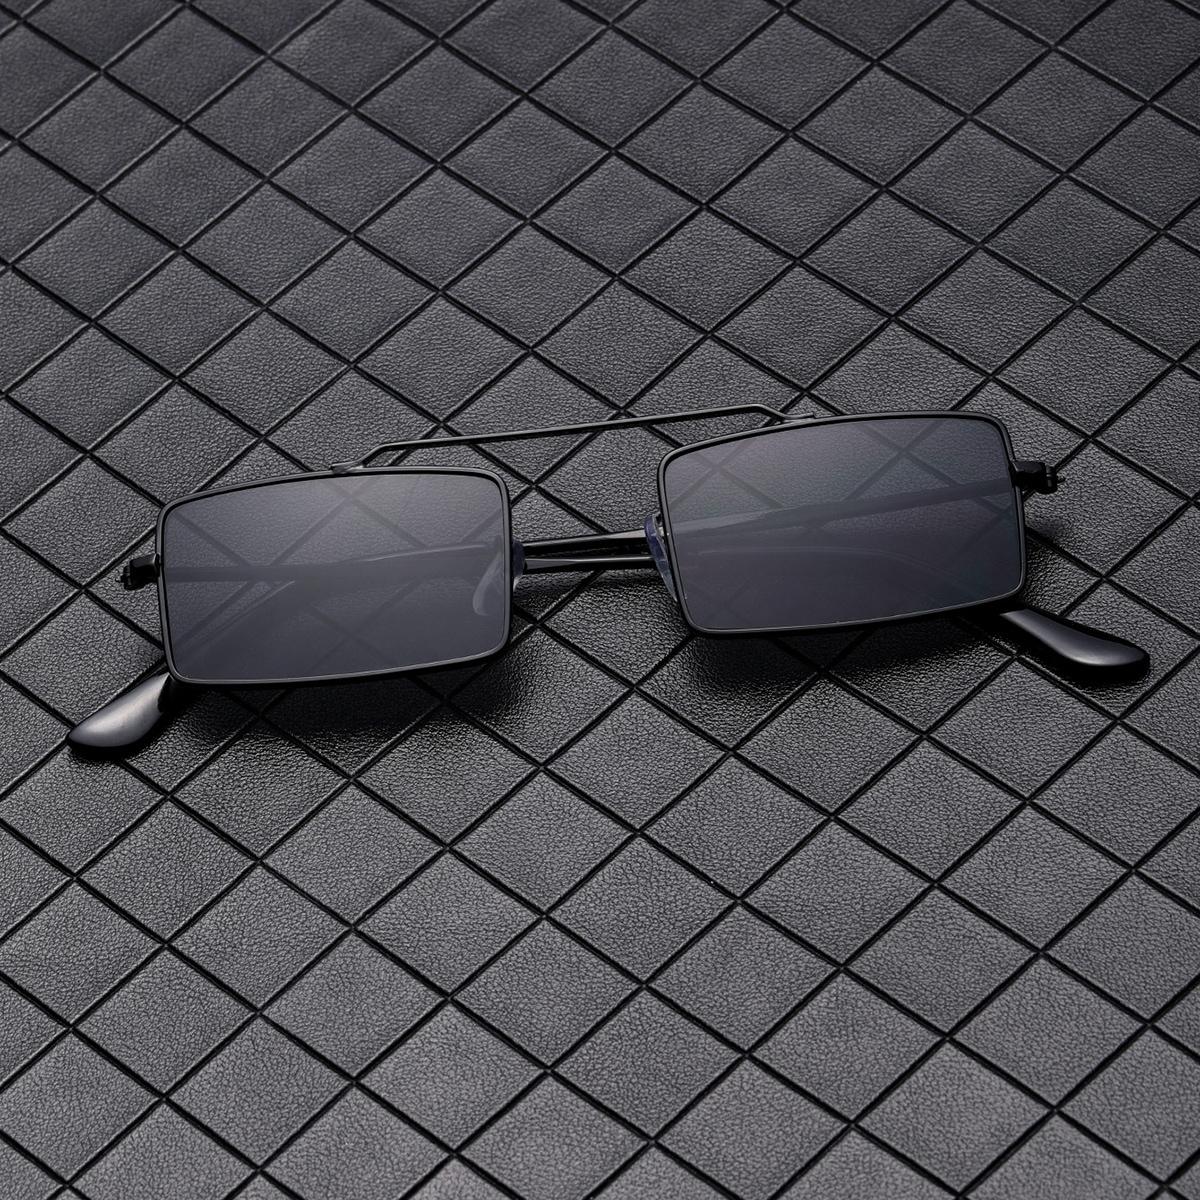 Gafas de sol con montura metálica para hombre